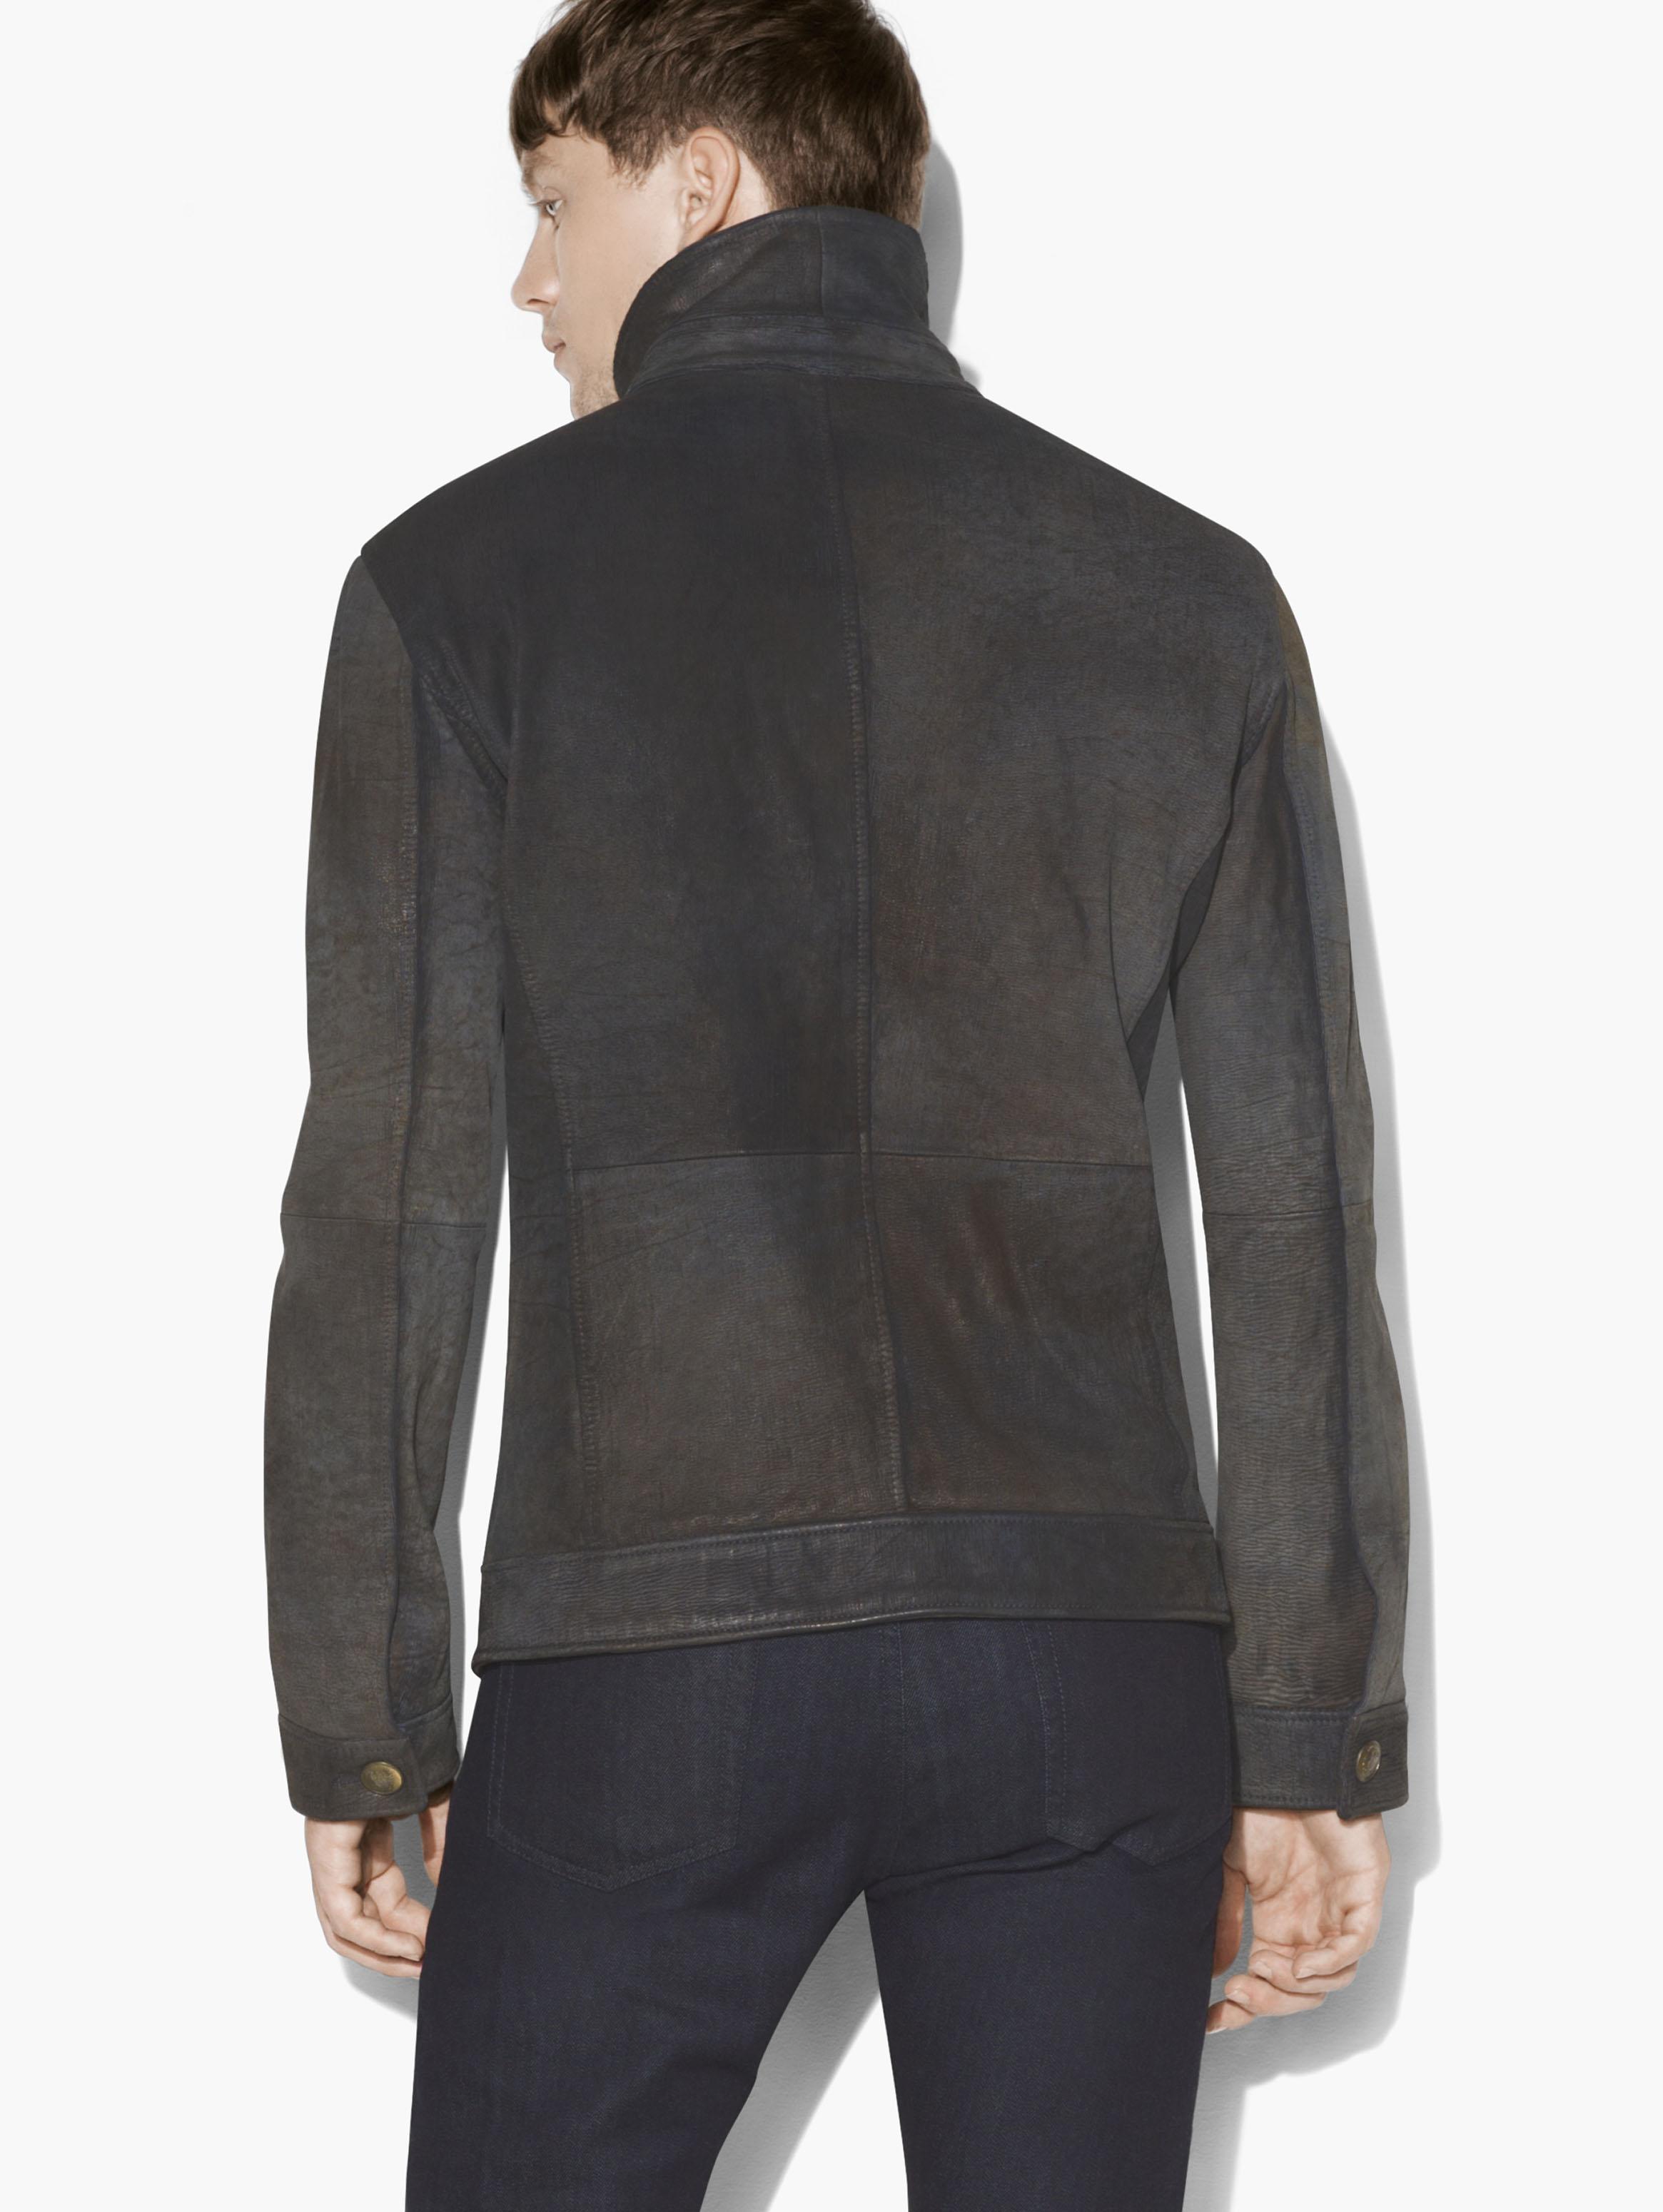 John Varvatos Button Front Leather Jacket for Men